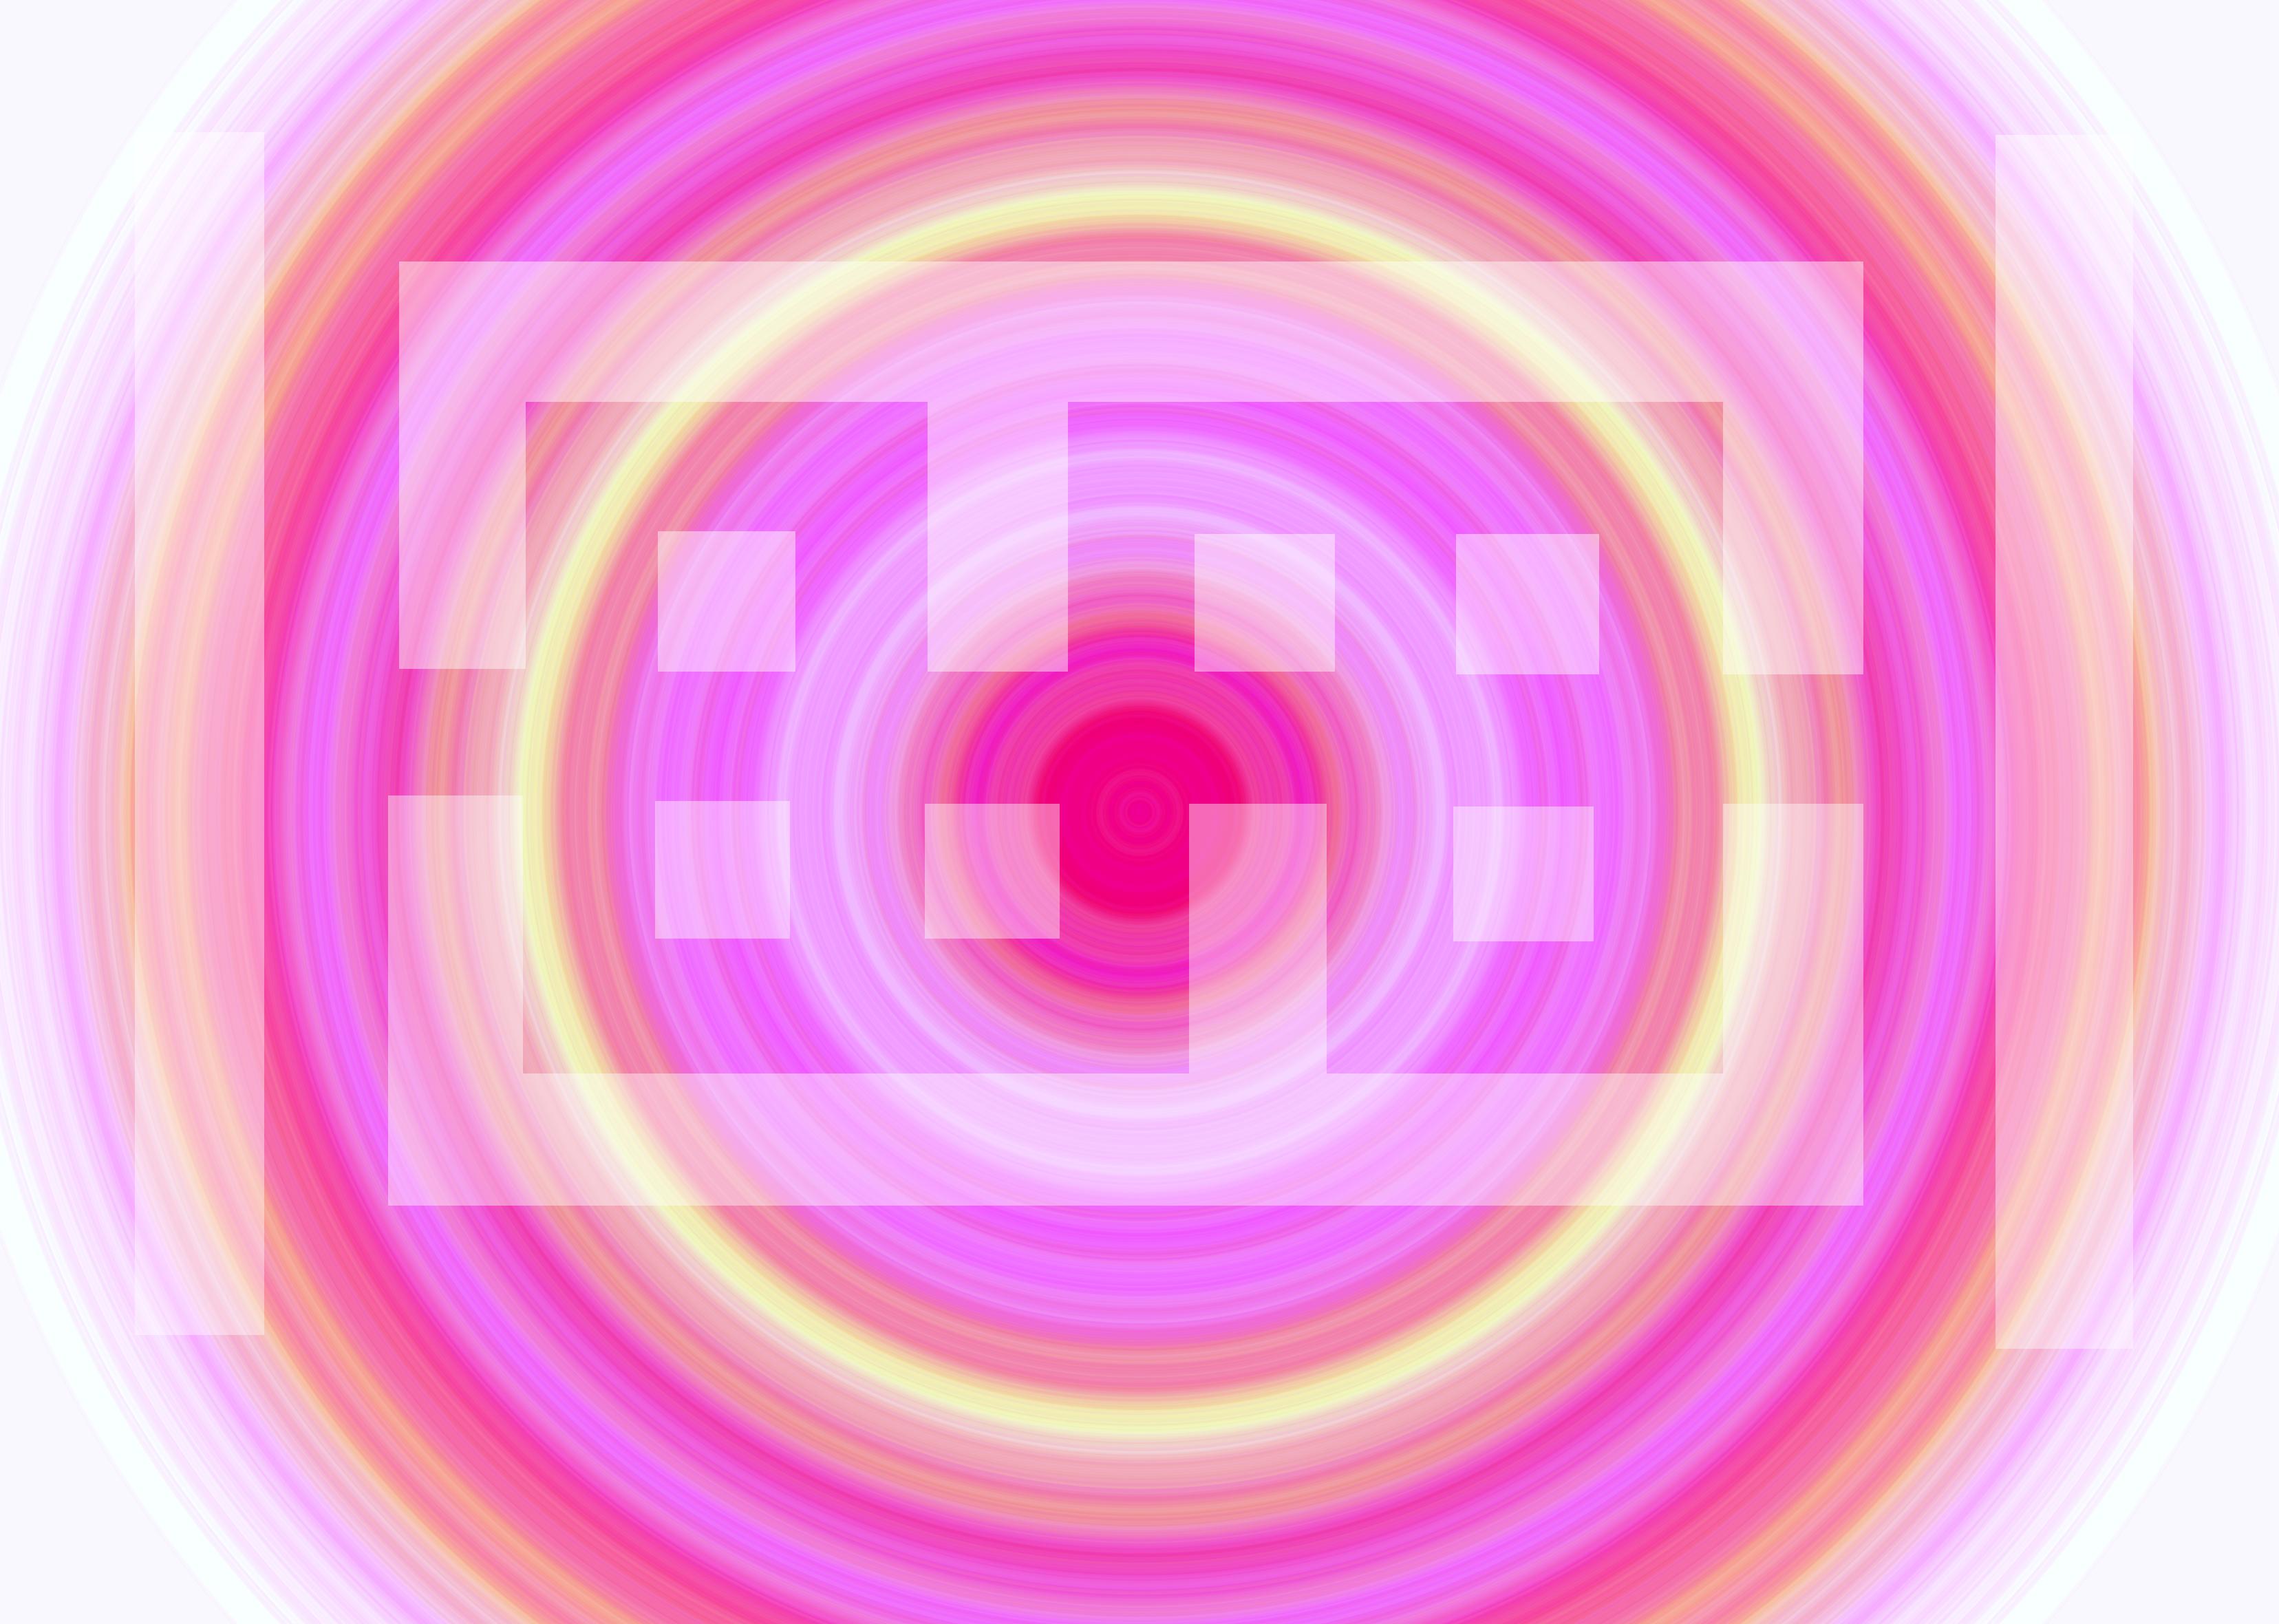 Anta (You) Digital art